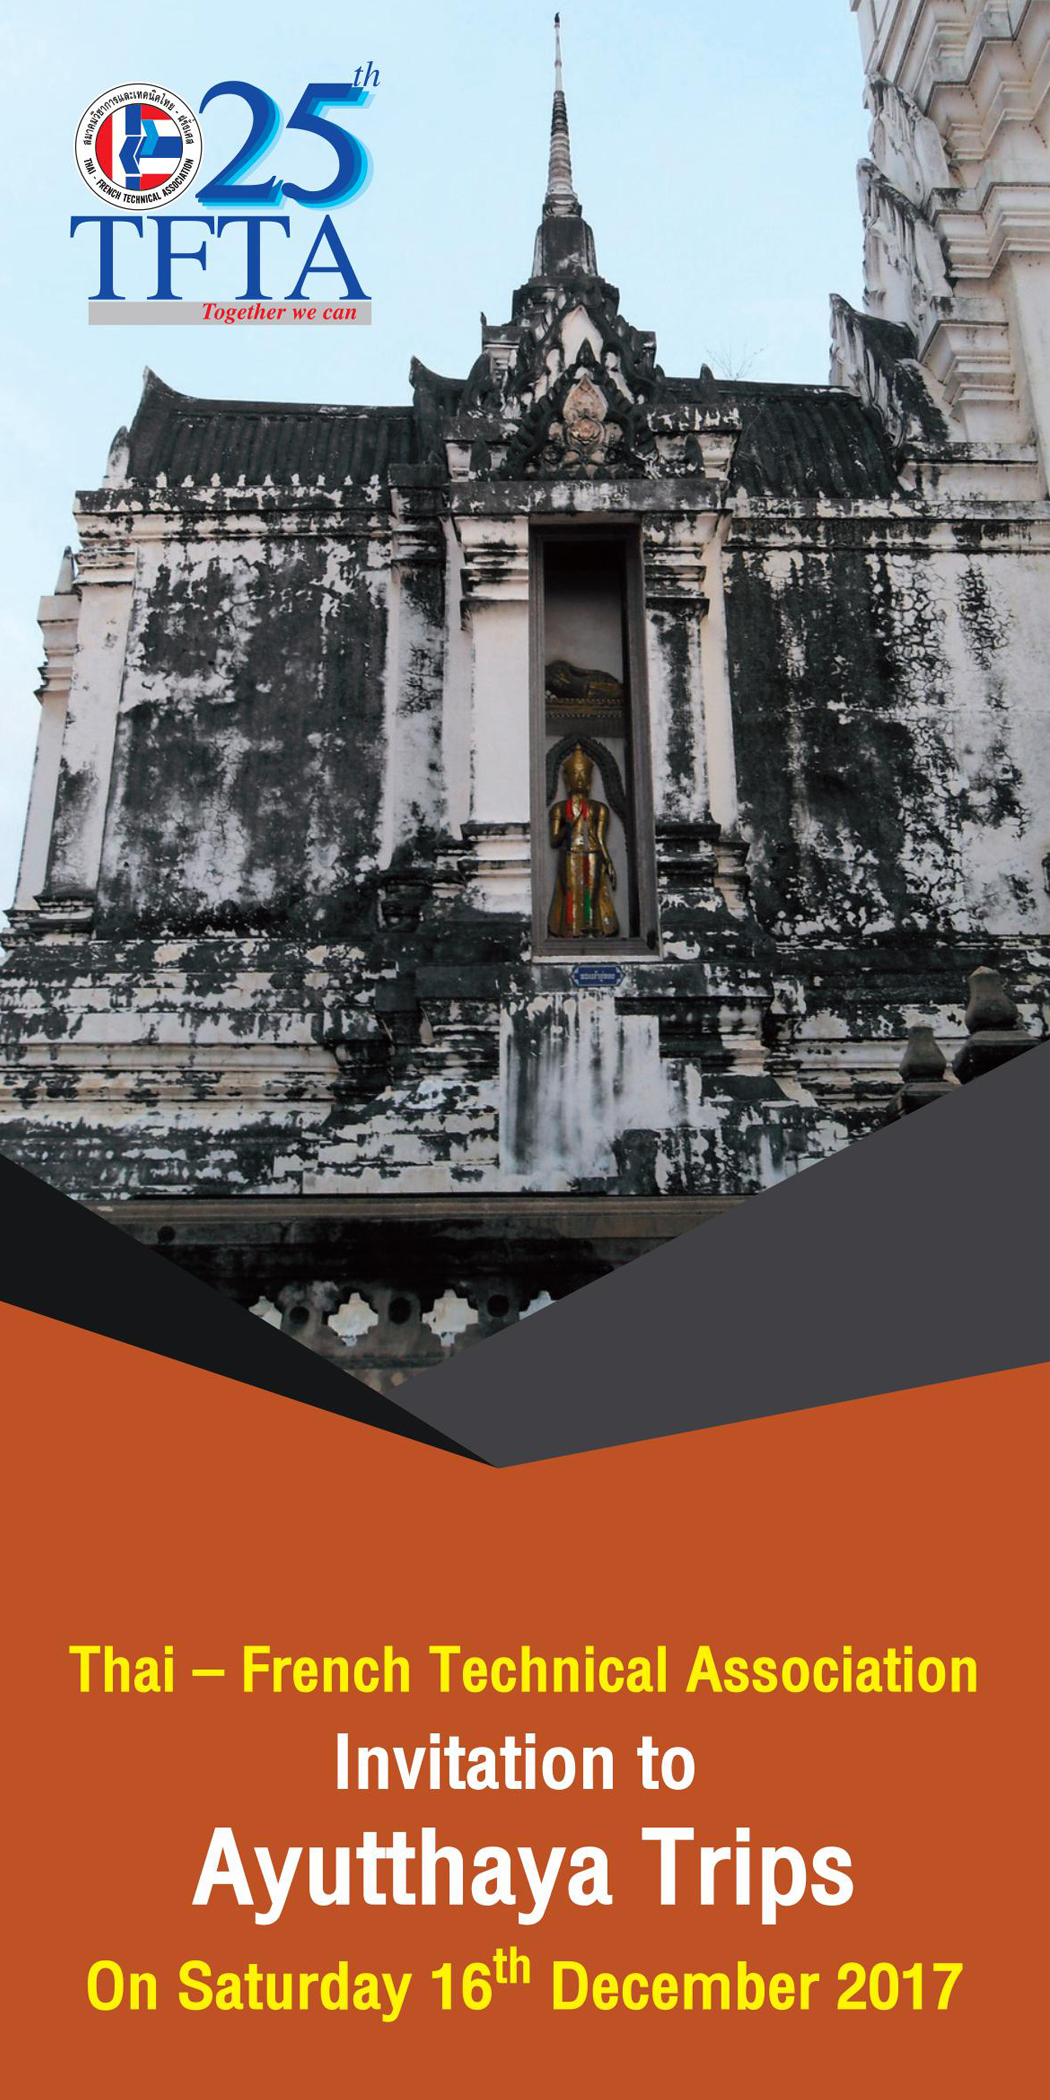 อยุธยา, กิจกรรมสัญจร, TFTA, thaifrench, ayutthaya, trips